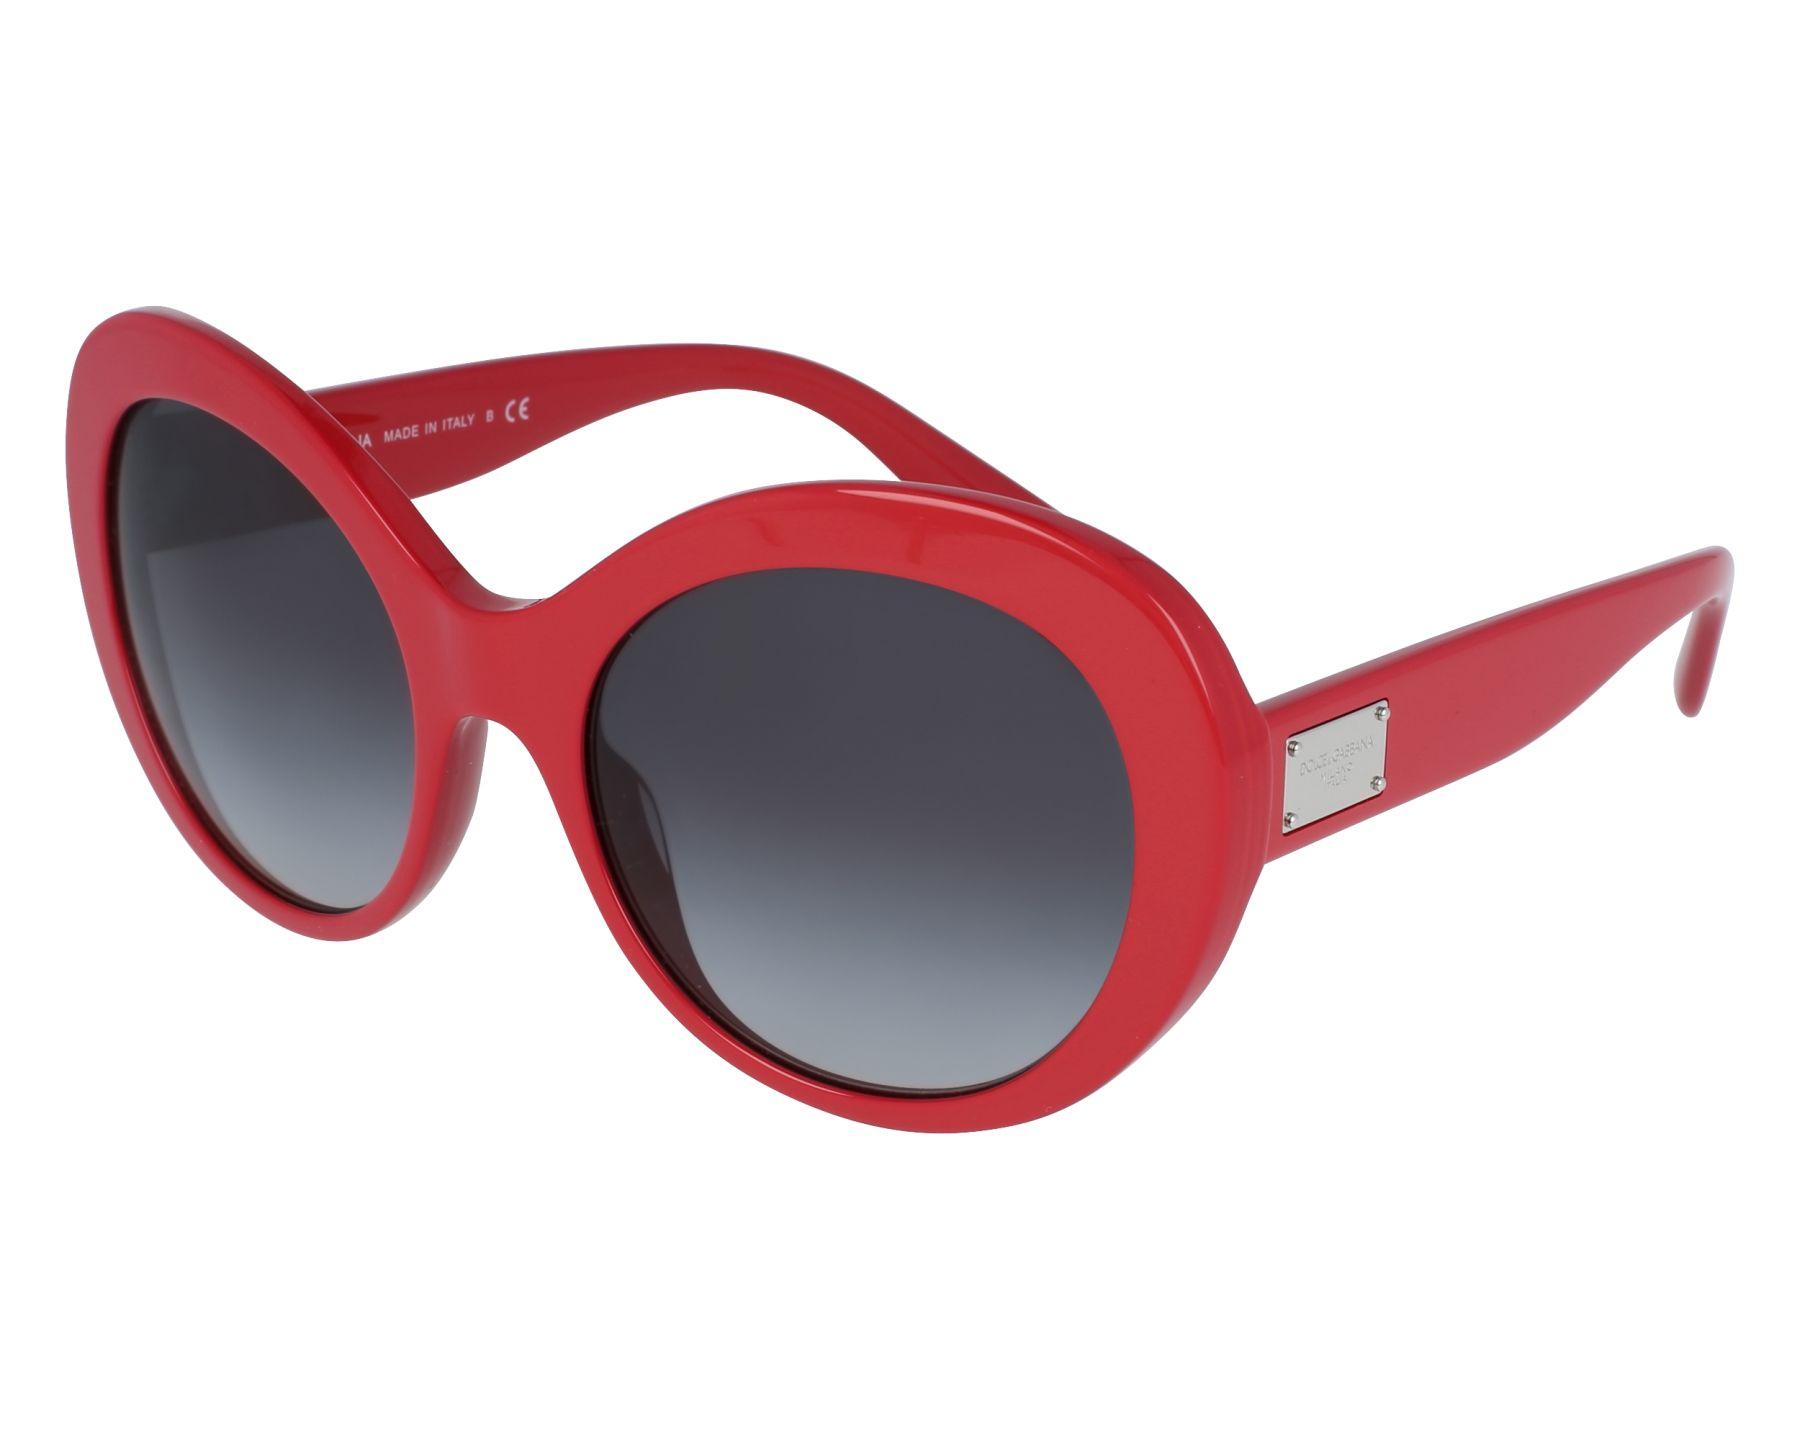 Dolce & Gabbana DG4295 30978G 57-20 MptTTOuW2w